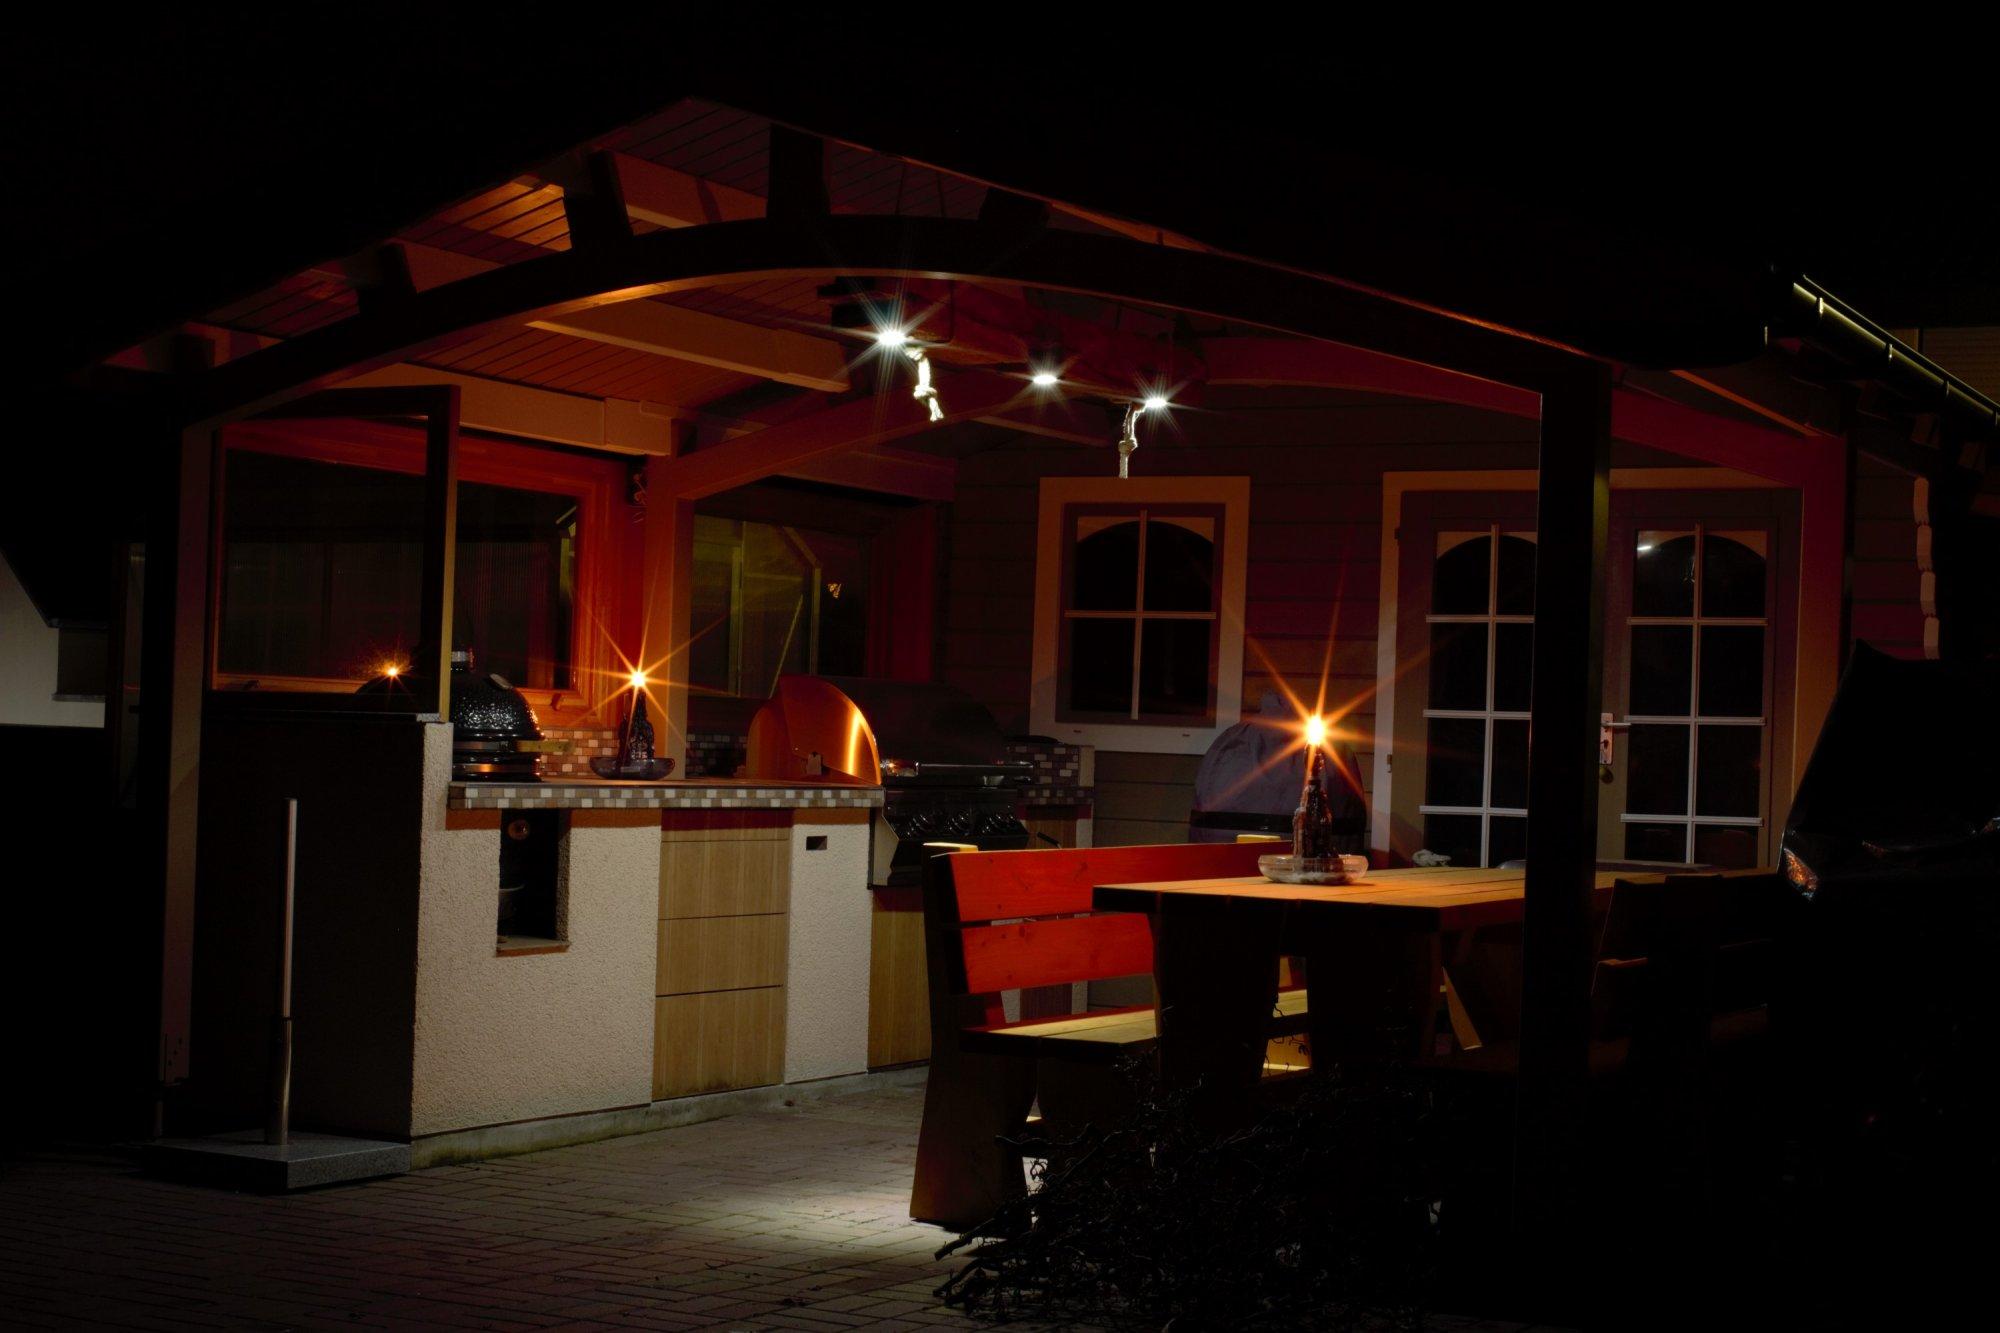 Küche bei Nacht.jpg